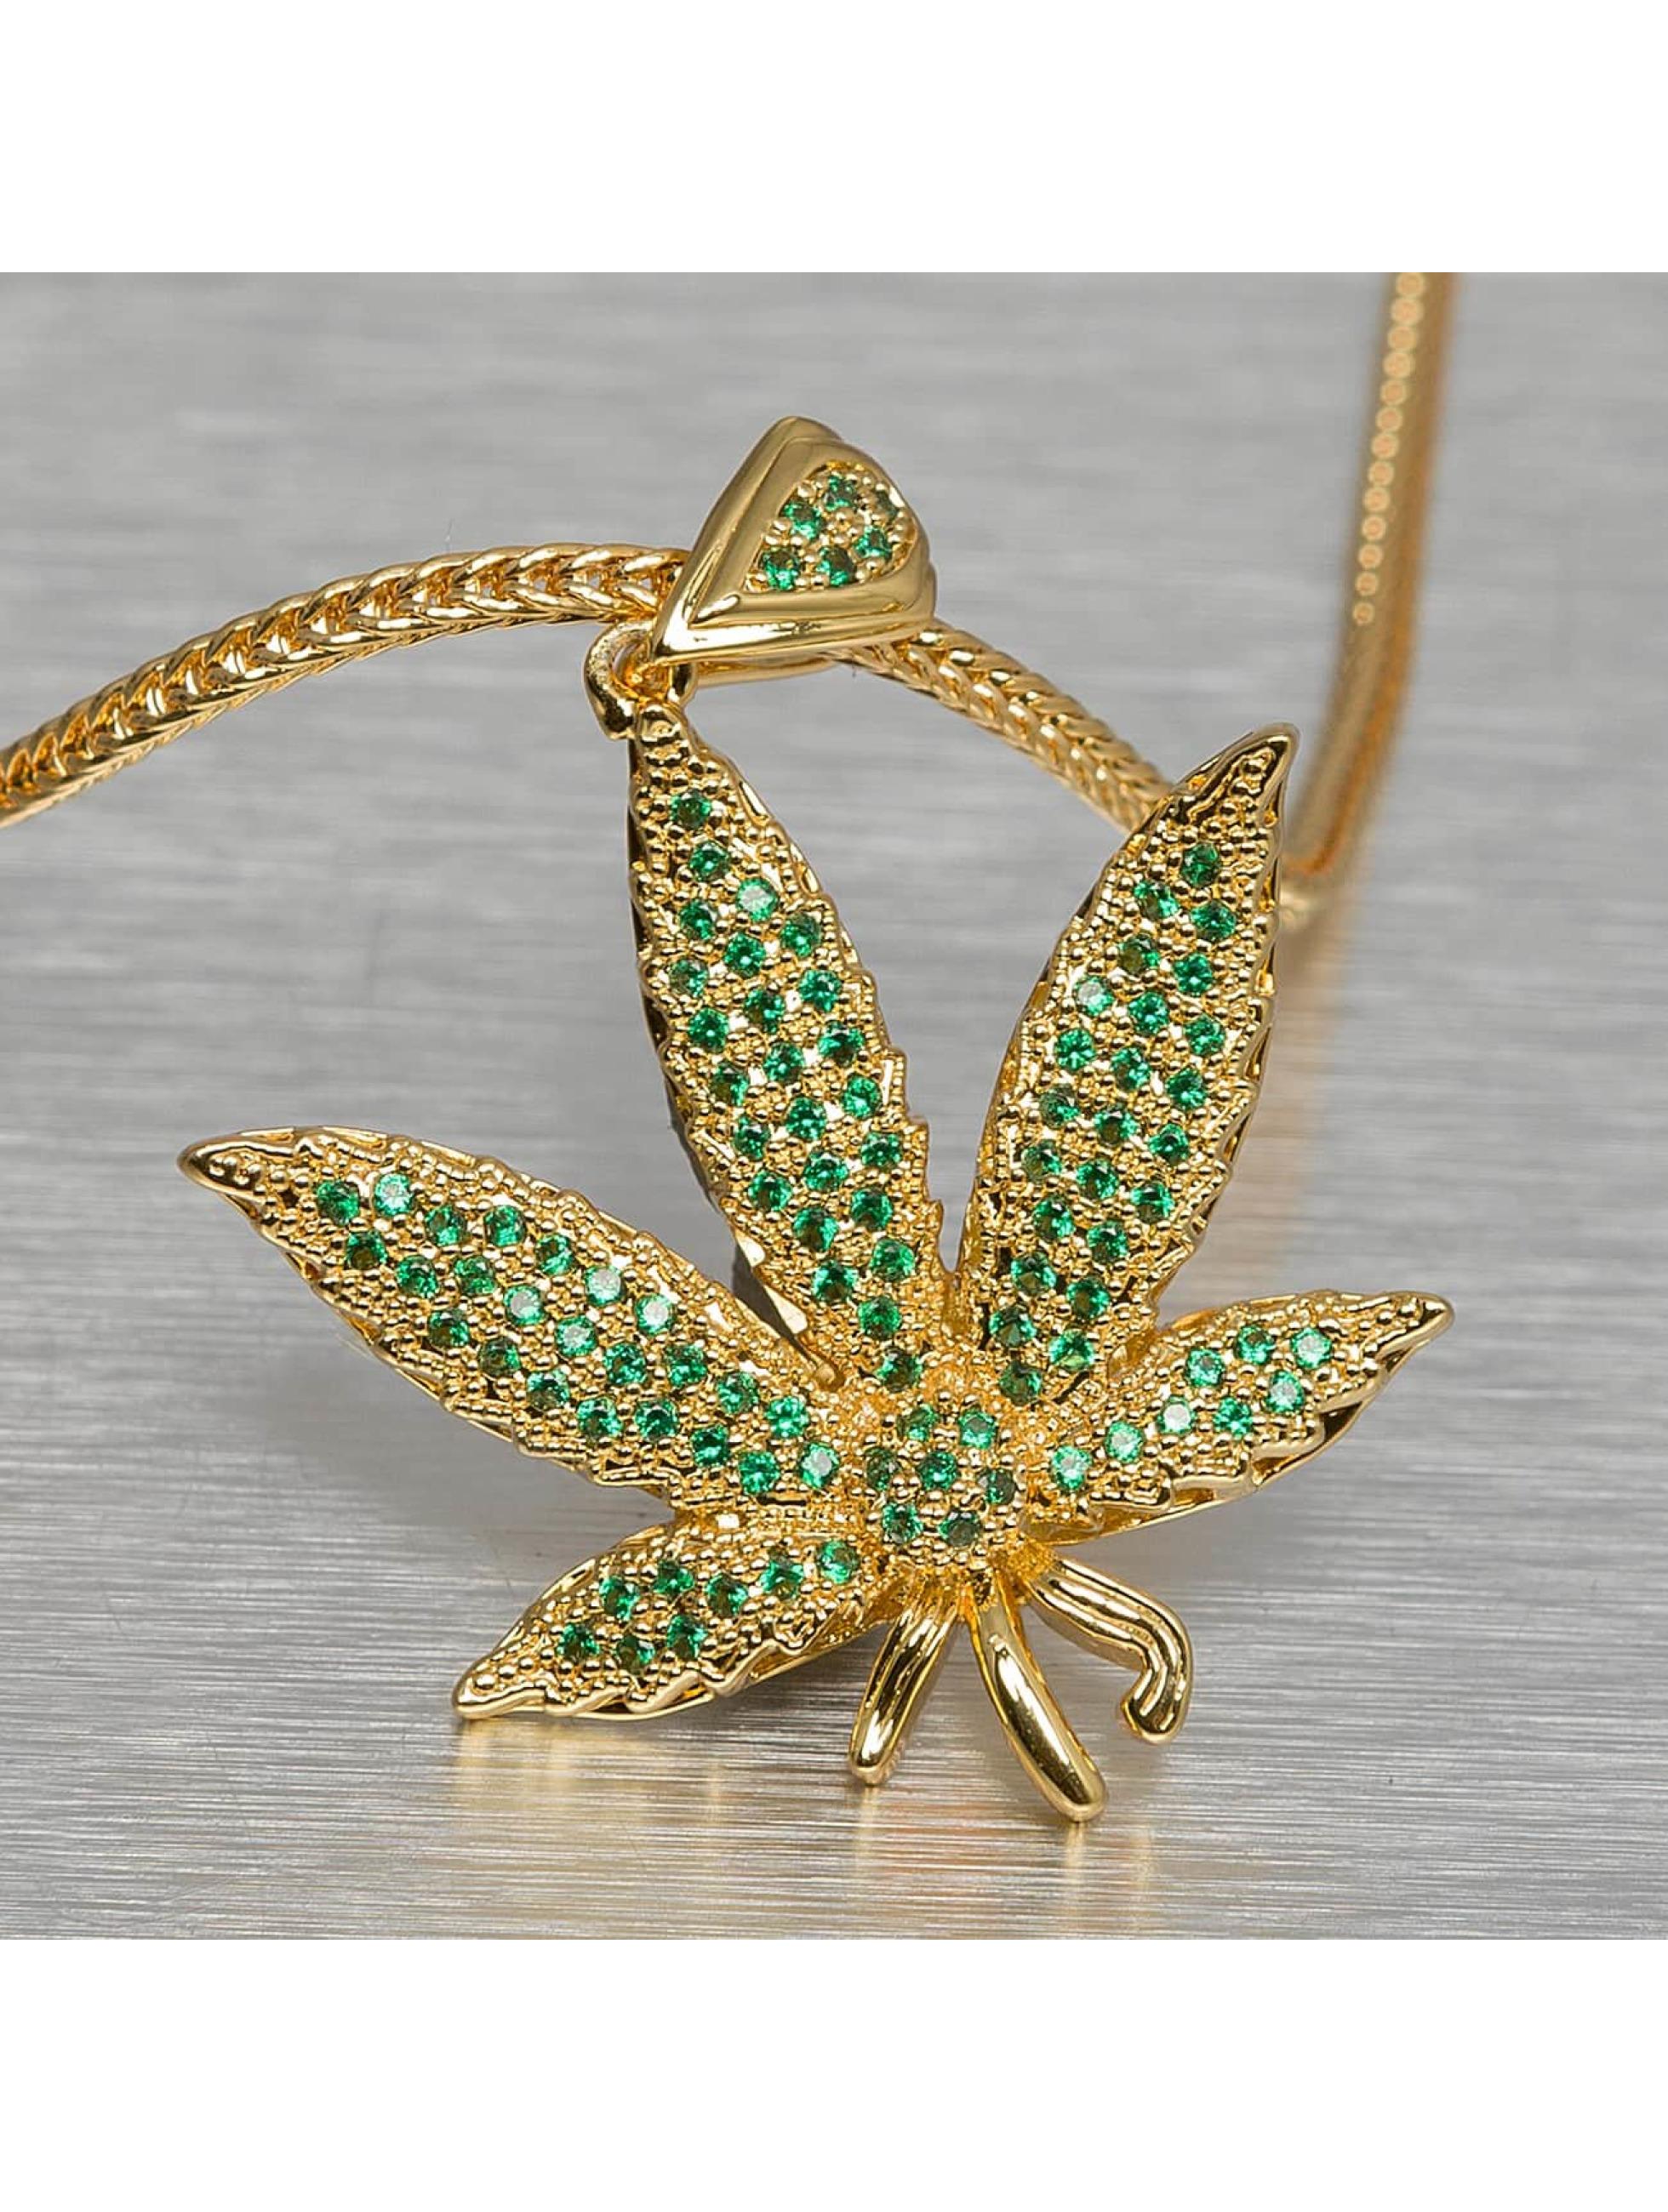 KING ICE Männer,Frauen Kette Jungl Julz Weed Leaf in goldfarben